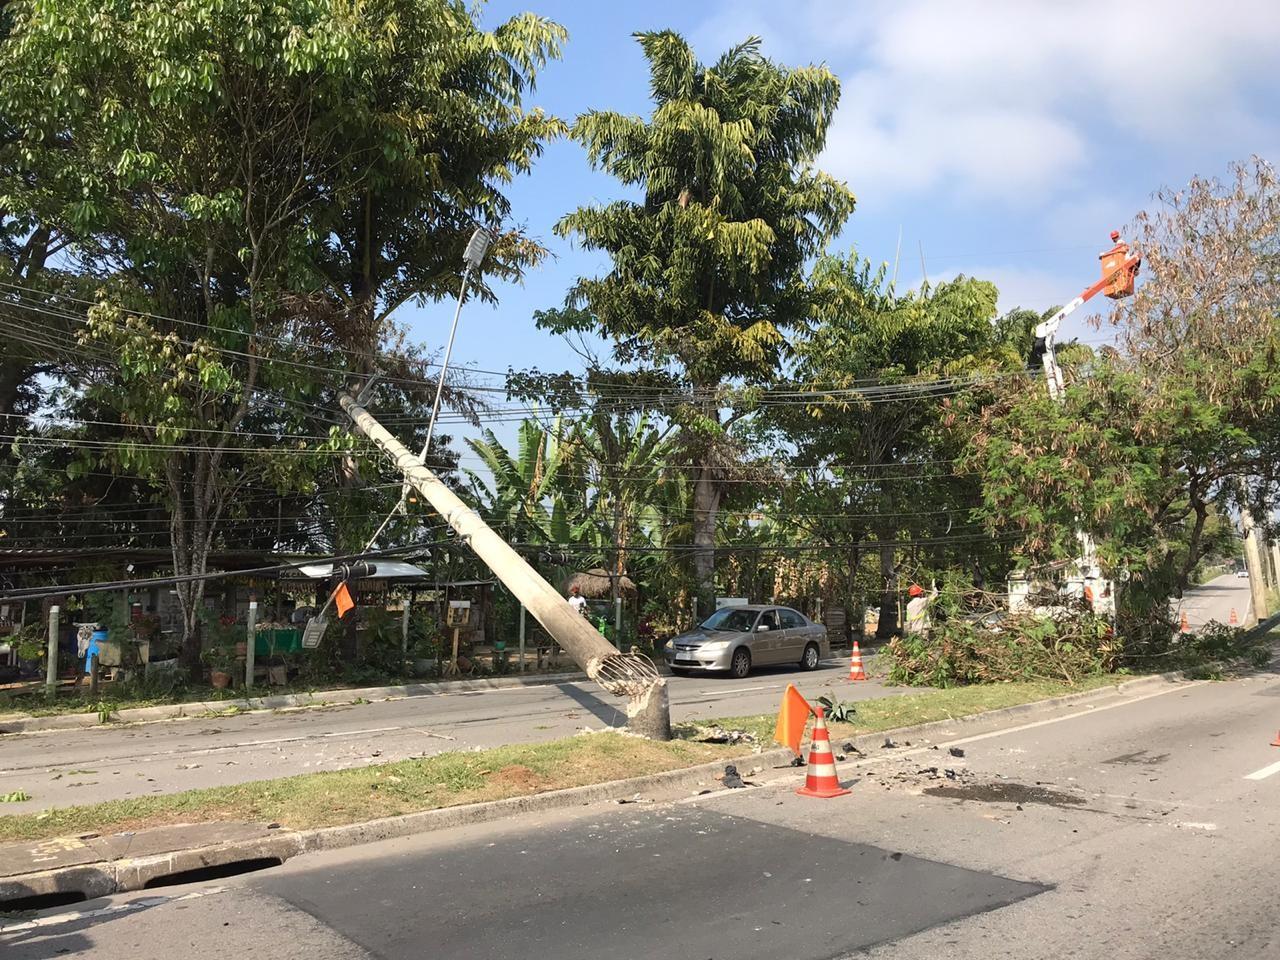 Carro derruba poste em acidente na zona oeste de São José dos Campos